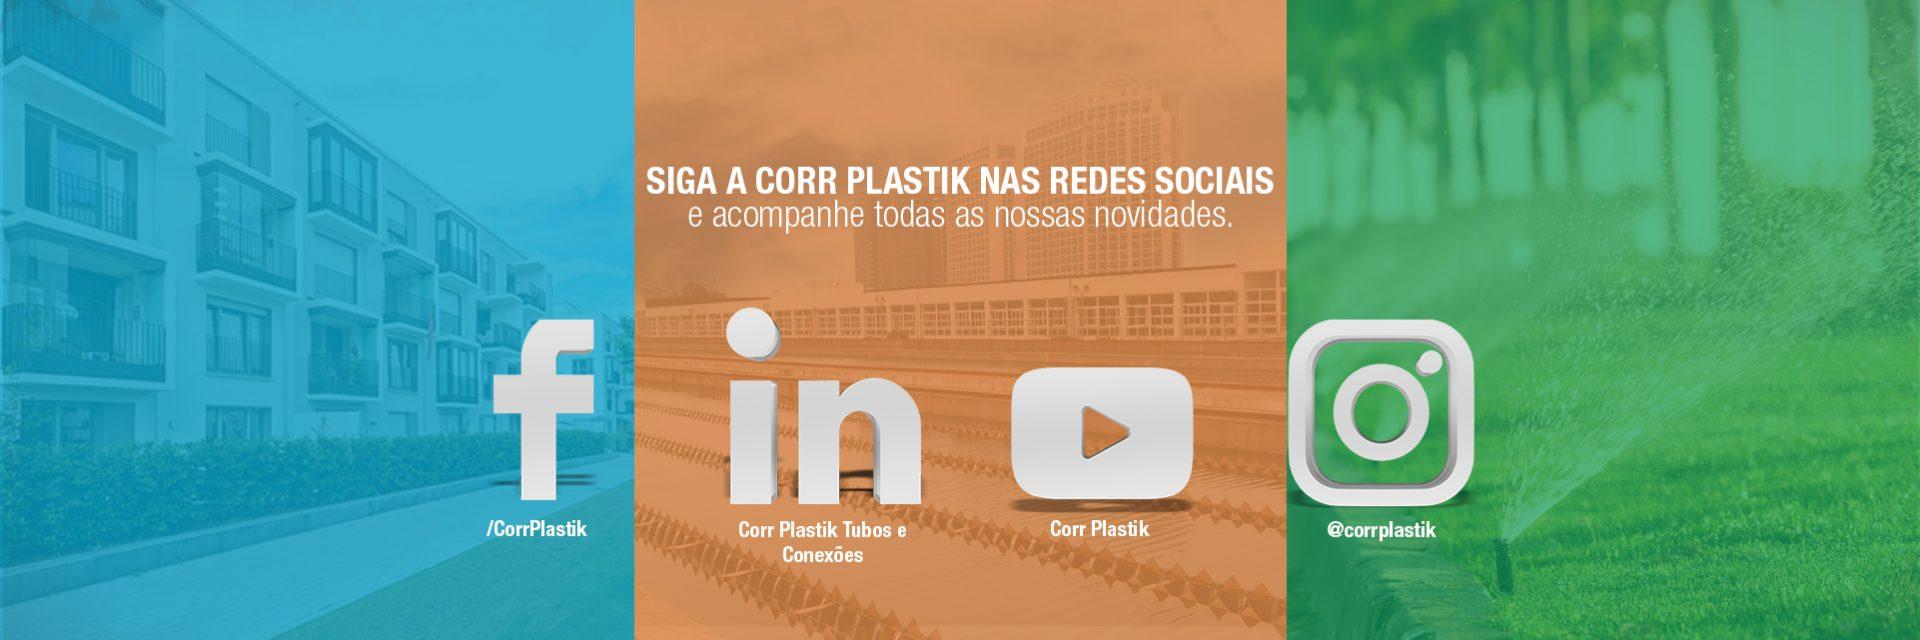 Banner_redes_sociais